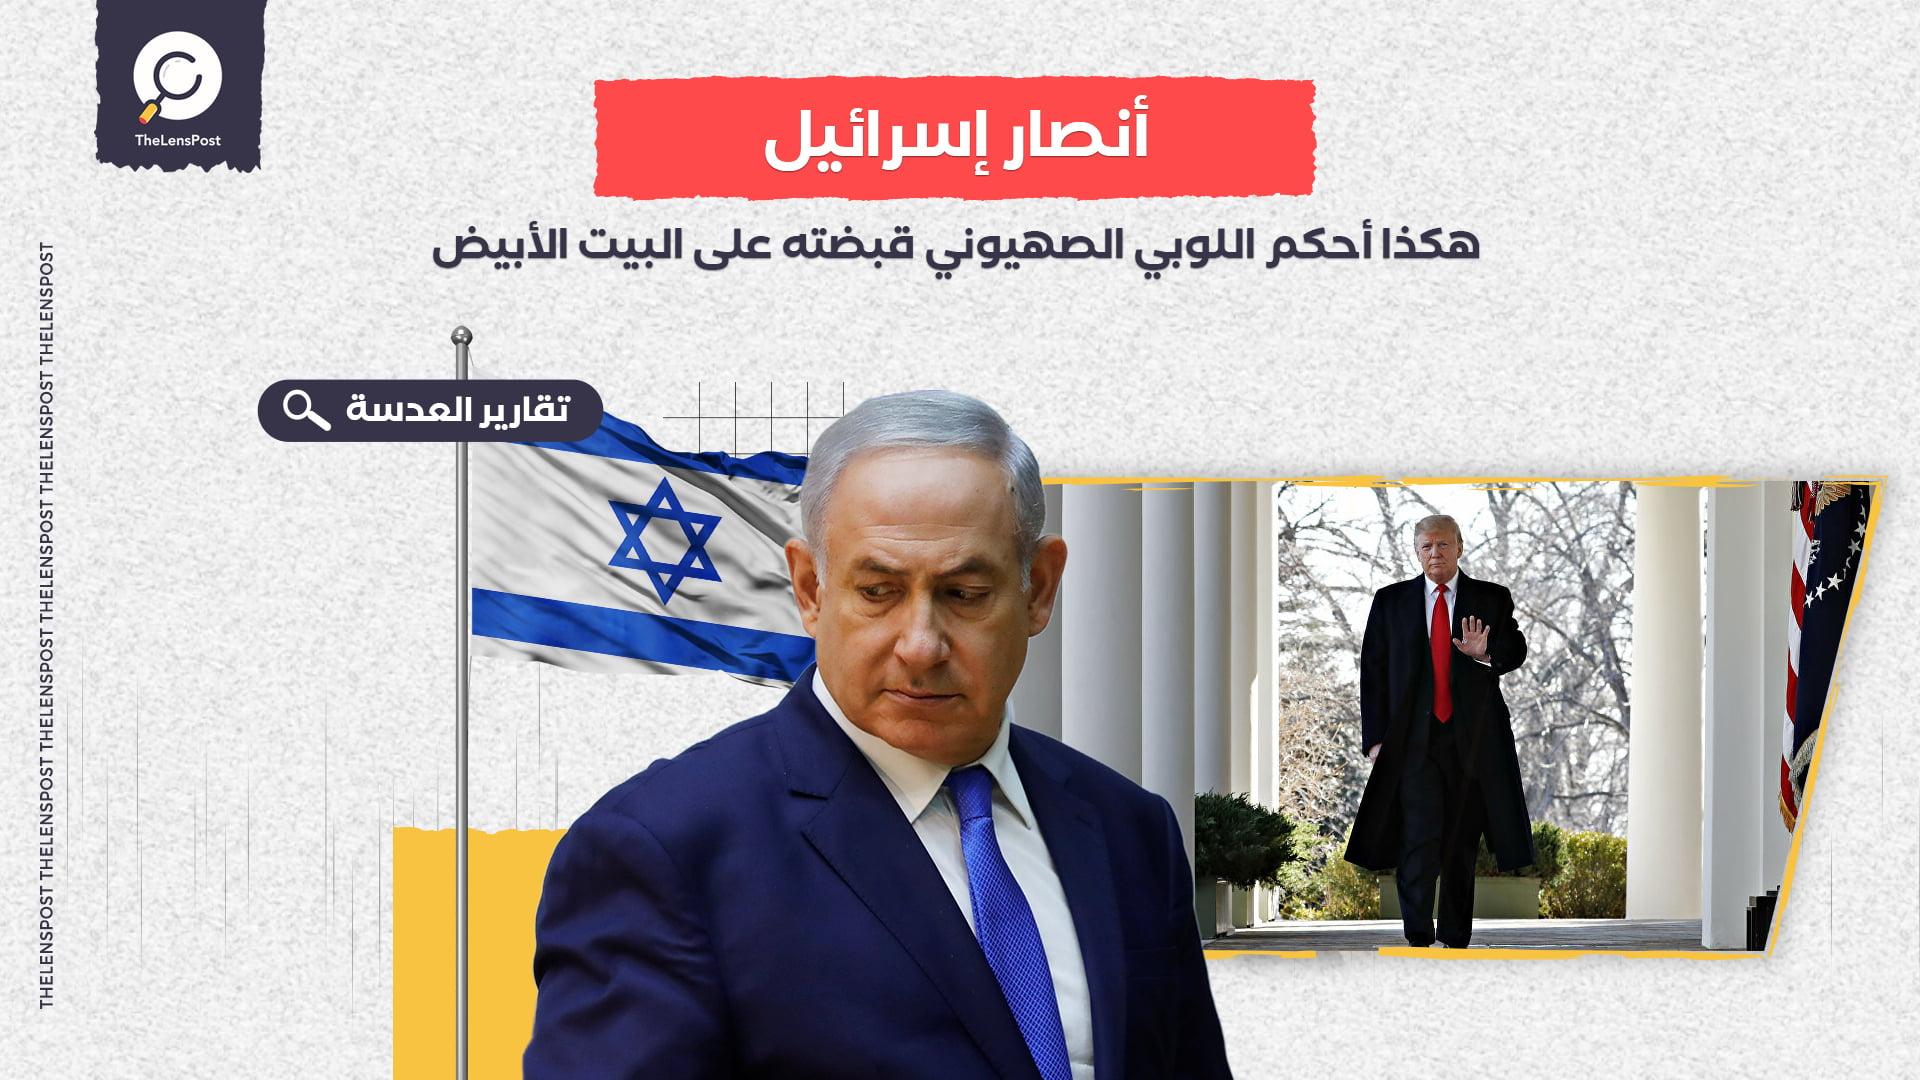 إغراء وترهيب.. هكذا أحكم اللوبي الصهيوني قبضته على البيت الأبيض